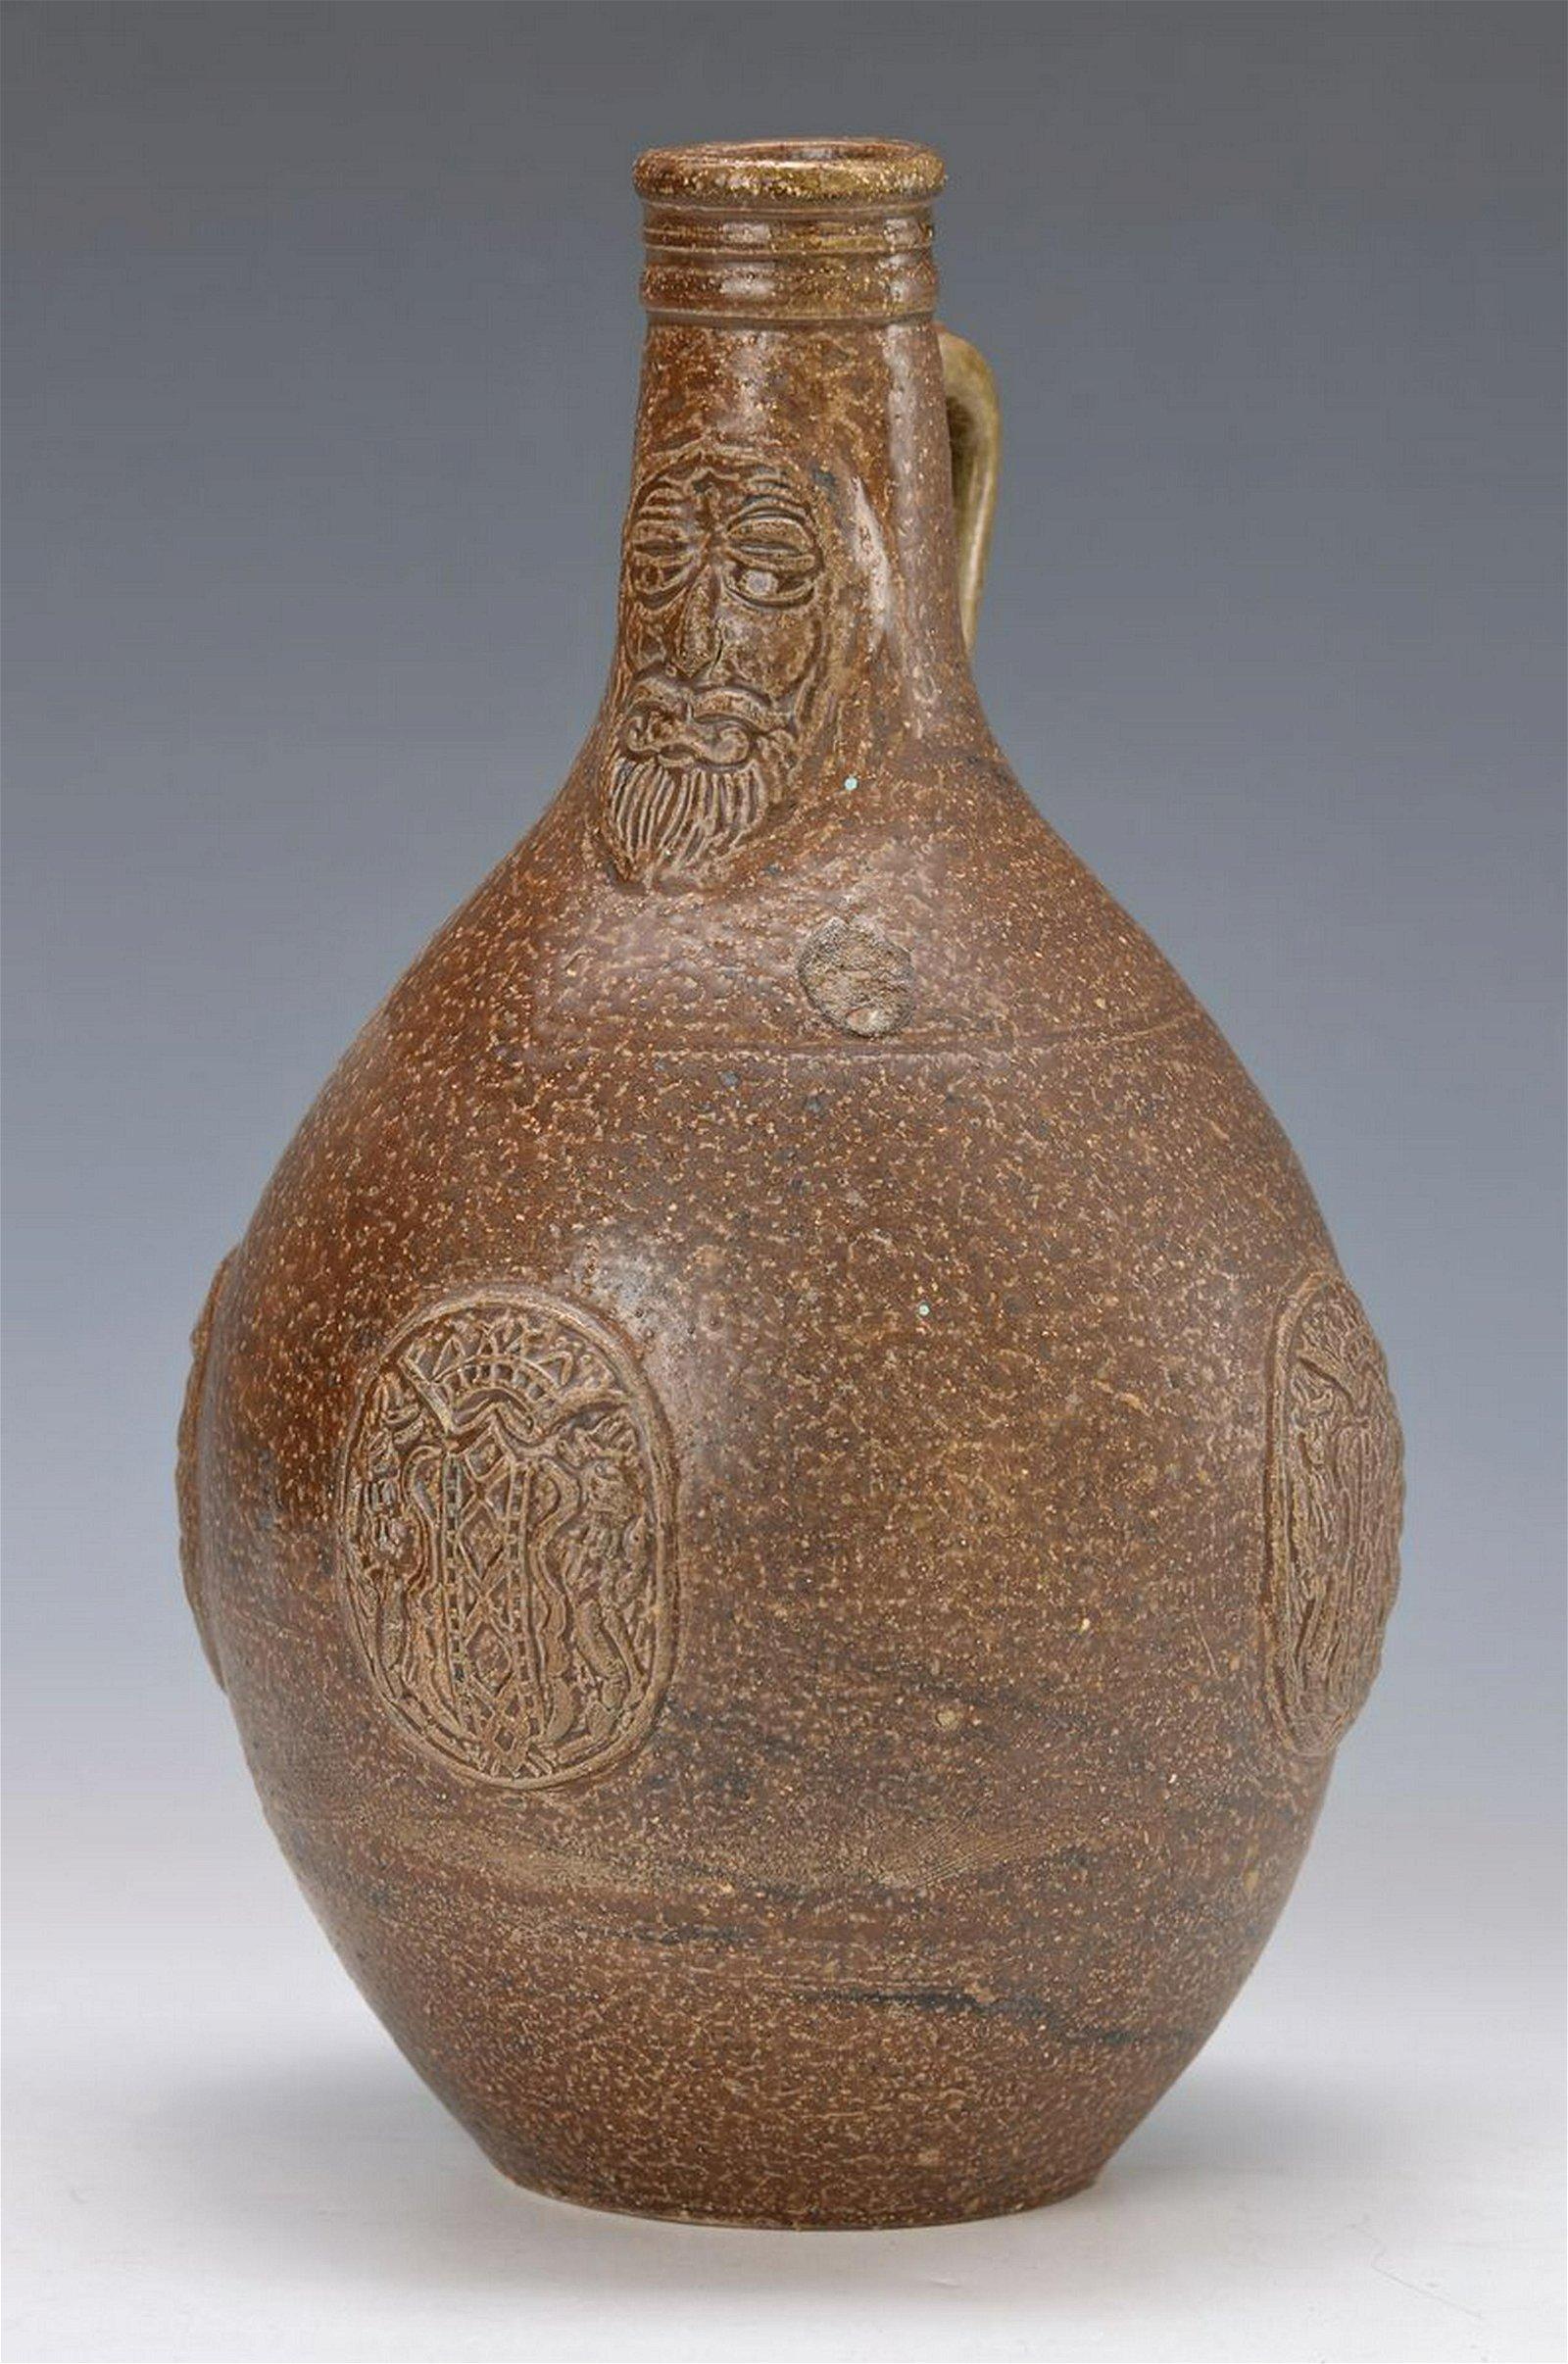 Bartmann jug, Cologne, around 1700, stoneware, brown